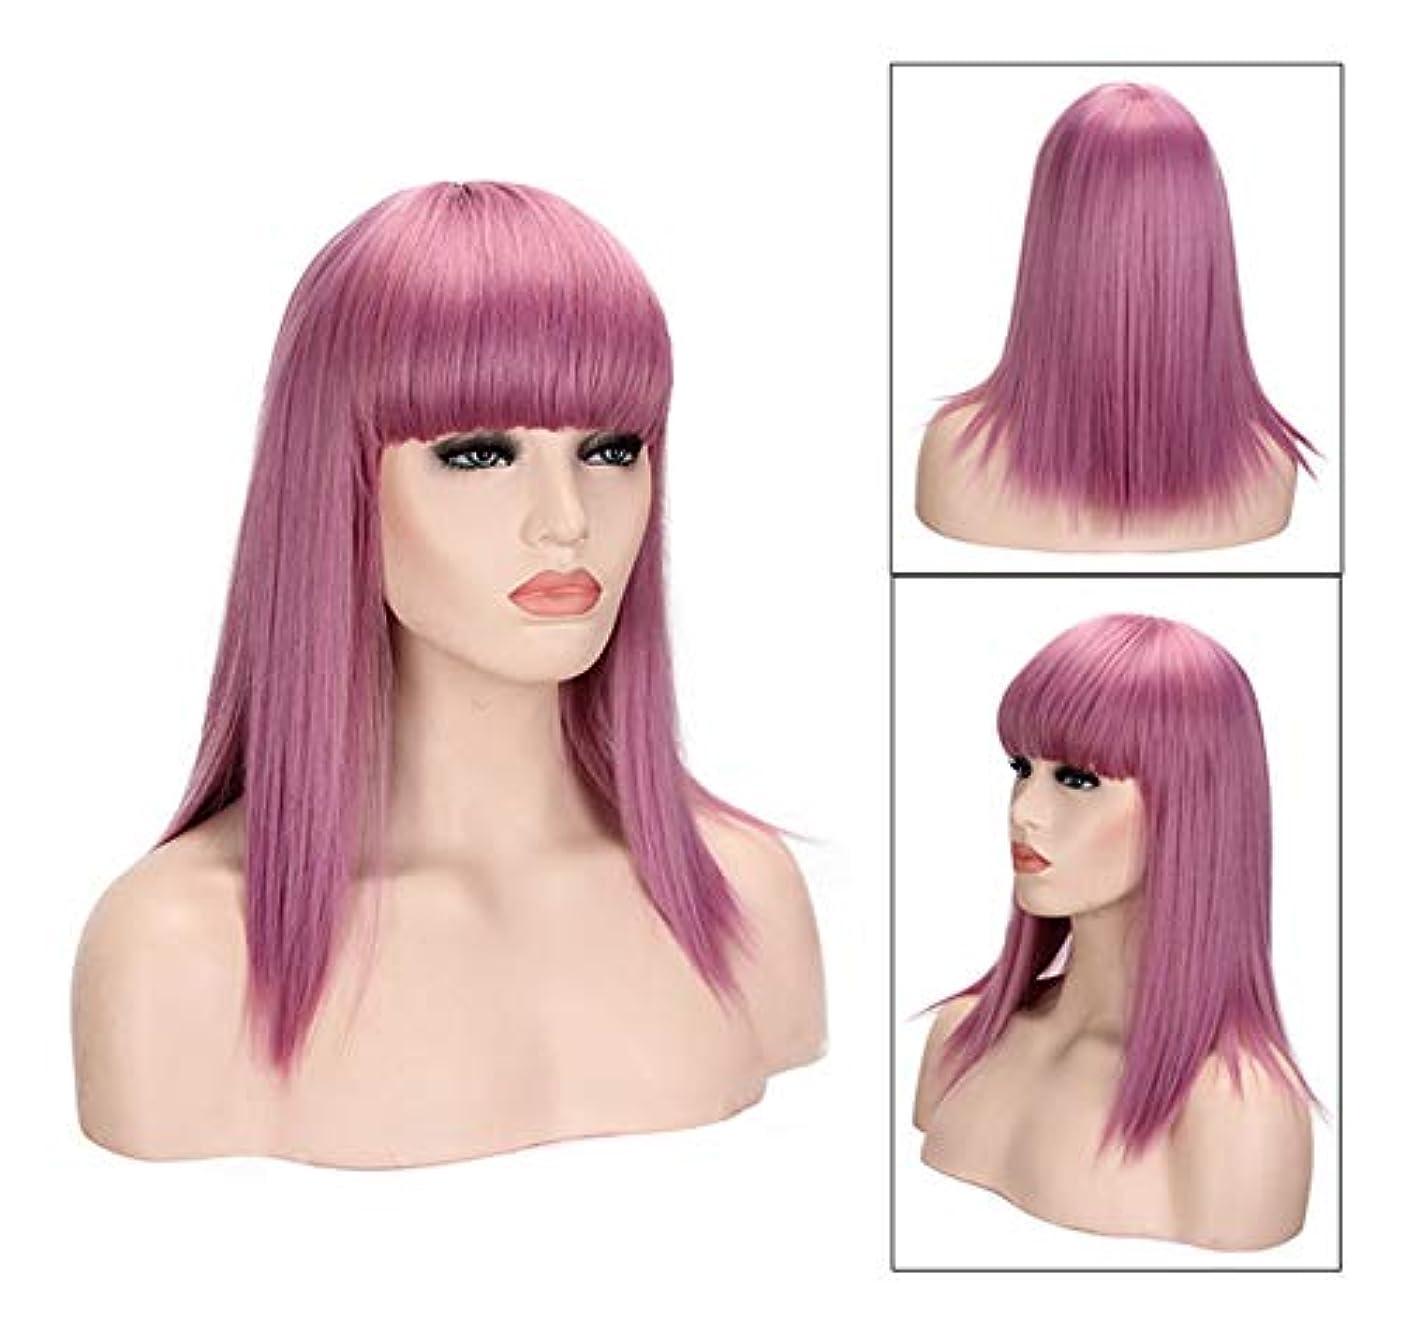 光沢のある小競り合い破滅的な女性用フルウィッグ、コスプレパーティーデイリードレスのヘアピースの前髪と自然なピンク合成ミディアムロングストレートの髪